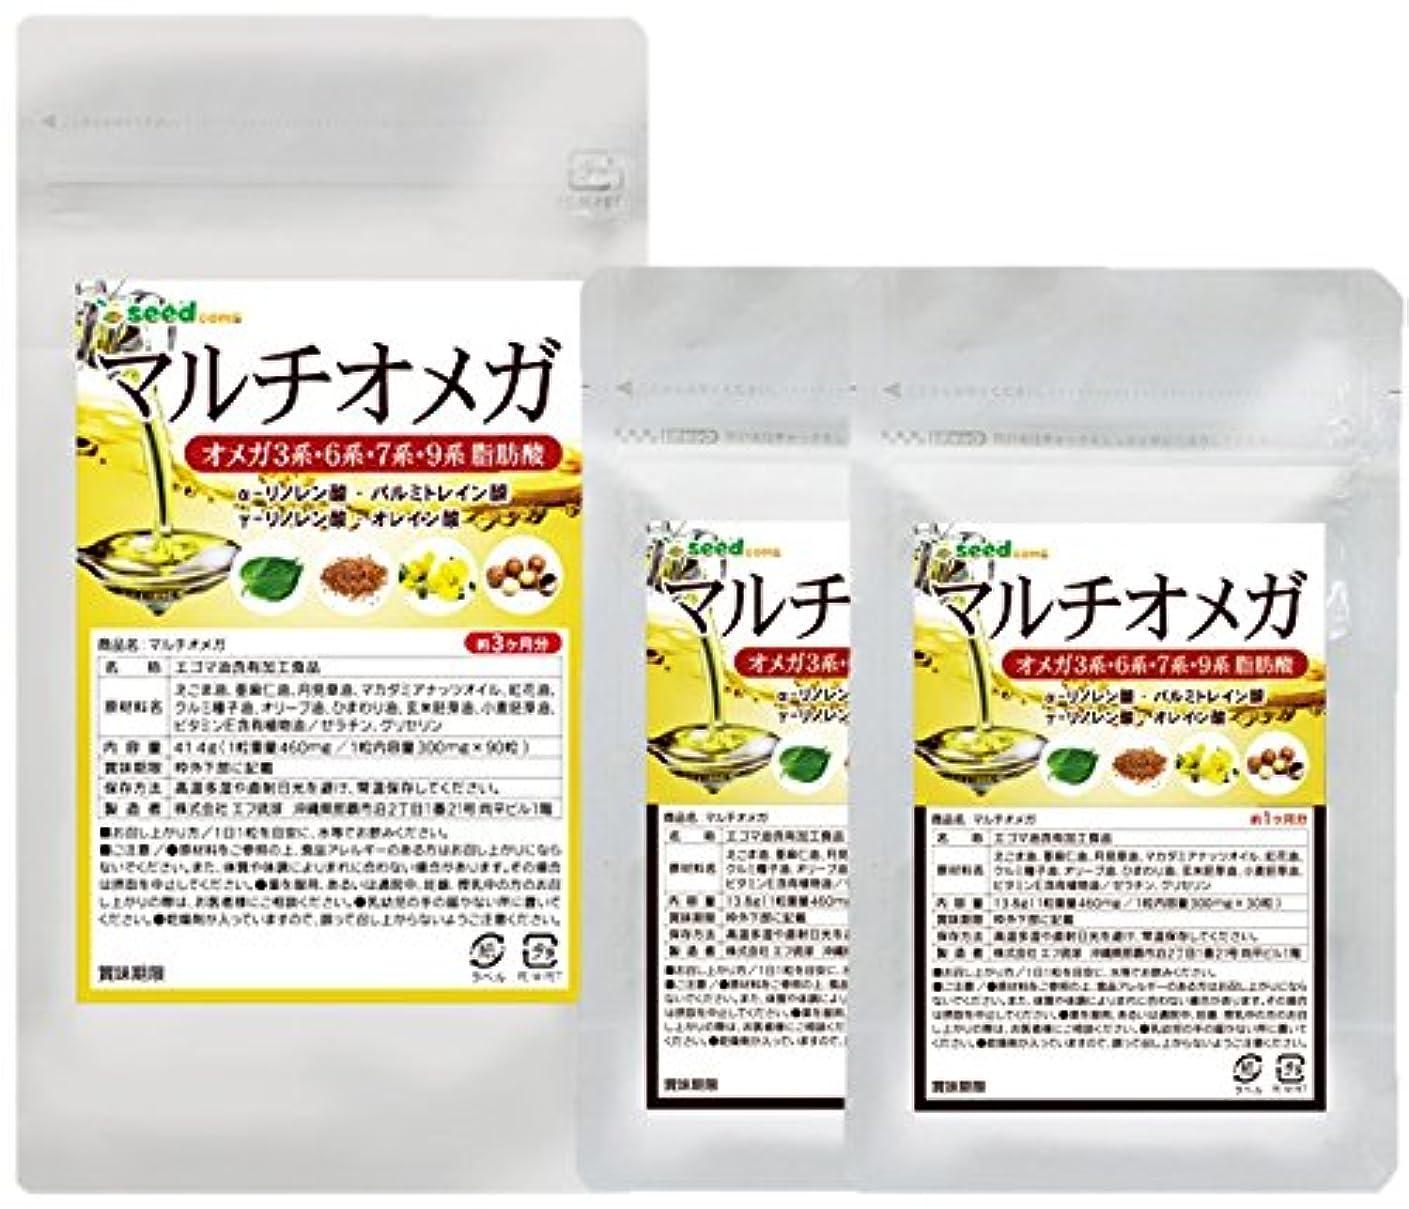 自慢領収書配分マルチオメガ (約5ヶ月分/150粒) エゴマ、亜麻仁、クルミなど100%の植物オイルを11種類